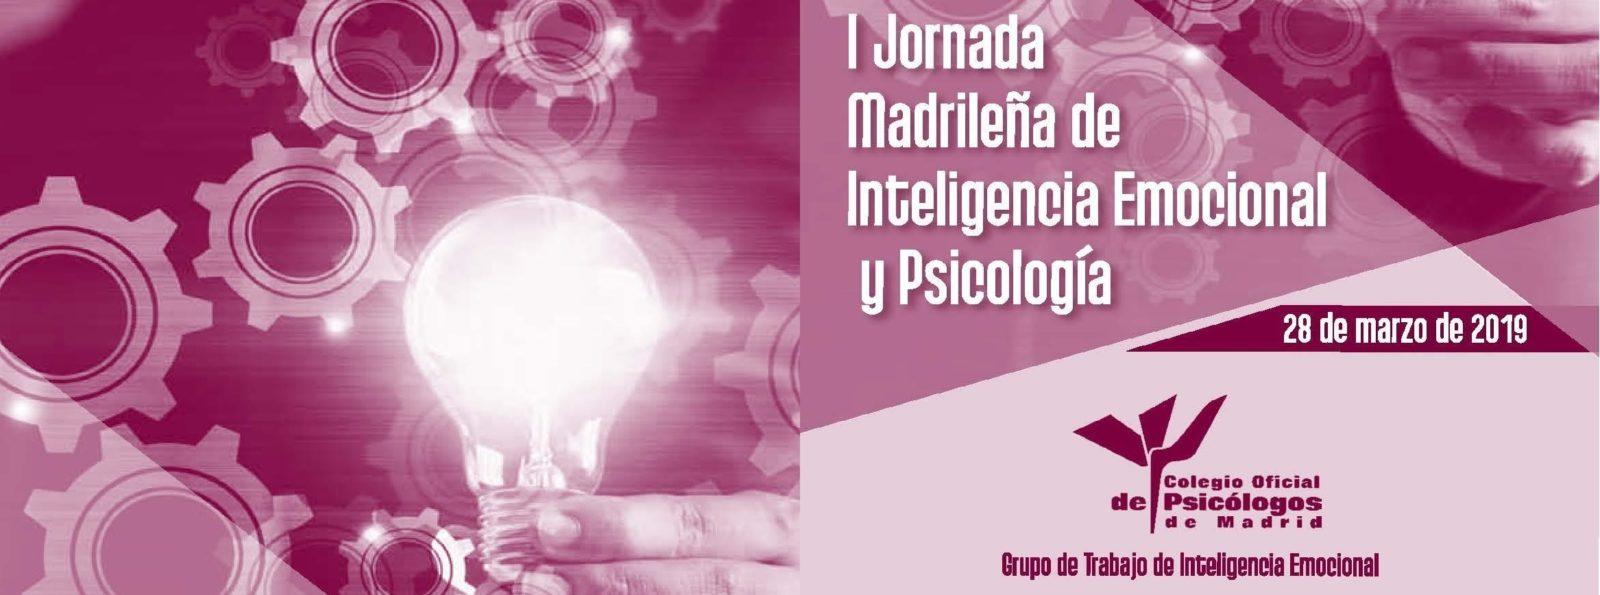 PrimeraJornadaMadrileña_InteligenciaEmocional_02